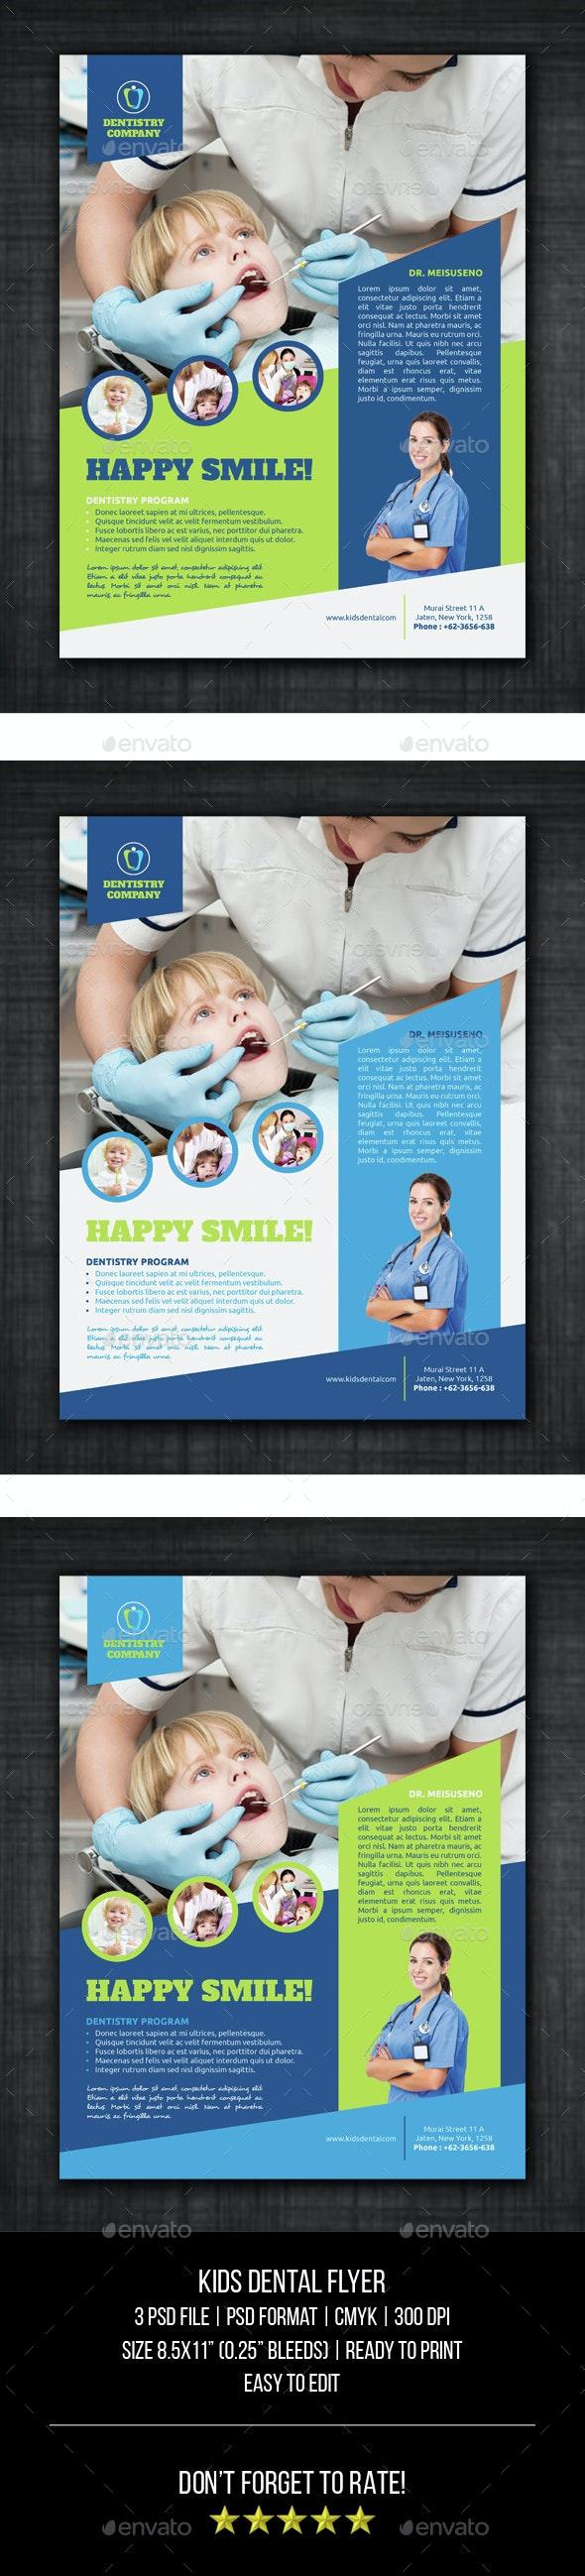 Kids Dental Flyer - Corporate Flyers